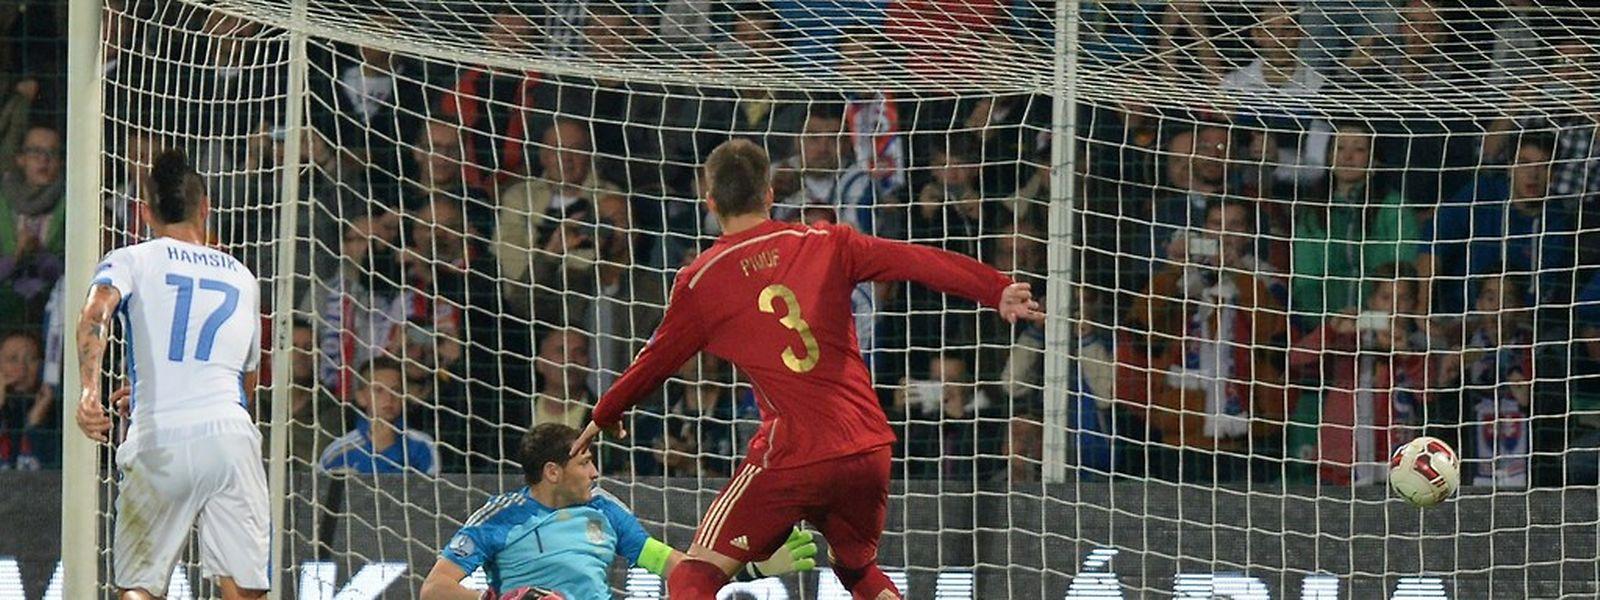 Iker Casillas se troue complètement sur le coup franc de Kucka (1-0, 17e)